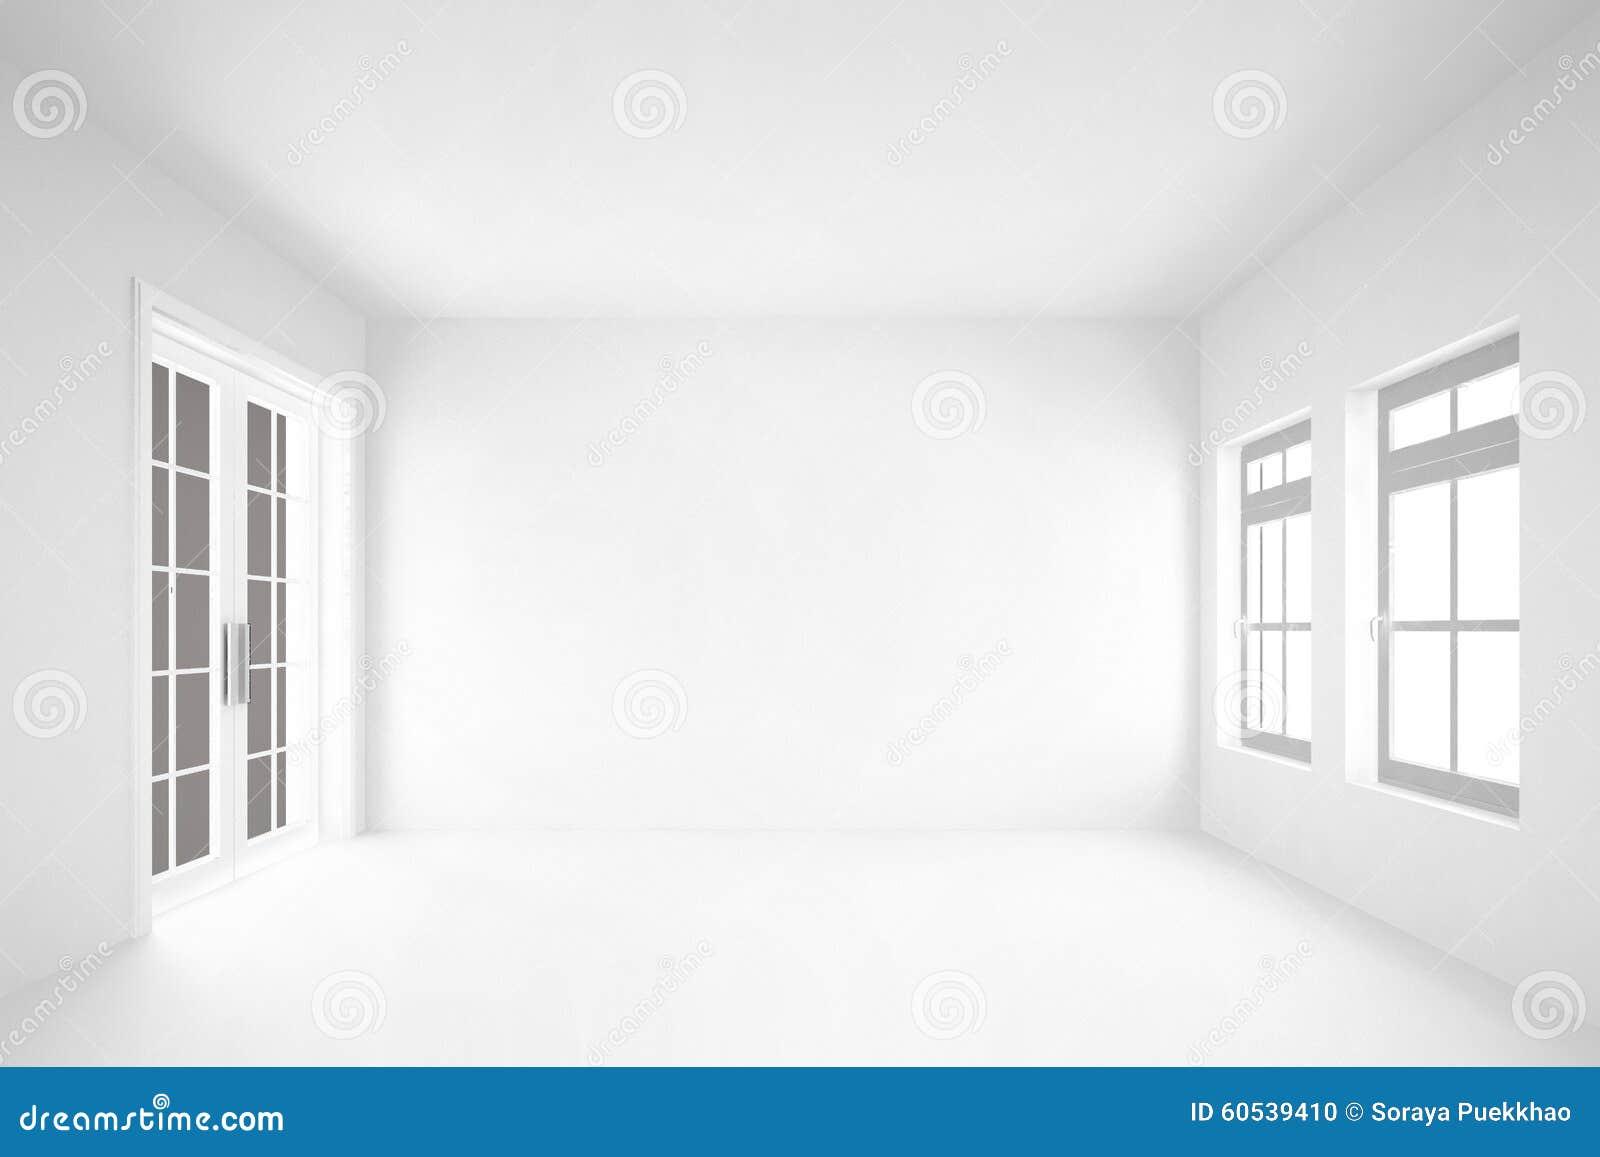 κενό άσπρο δωμάτιο με το εσωτερικό υπόβαθρο door&windows